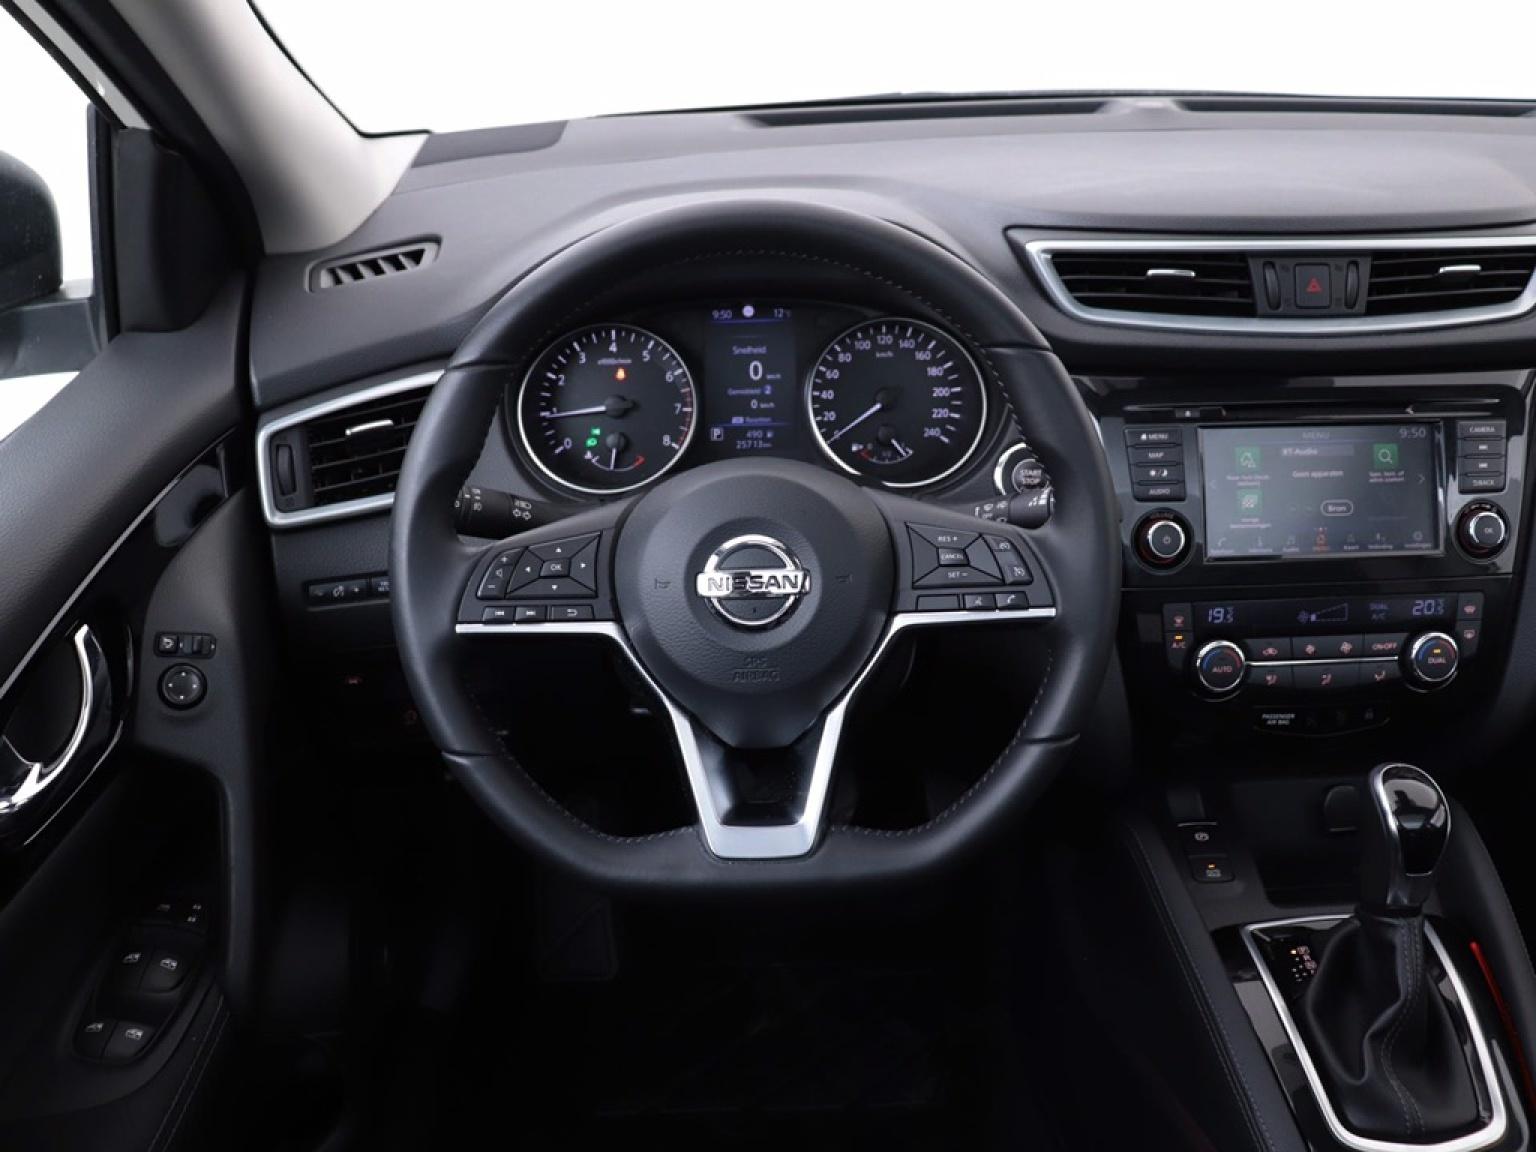 Nissan-QASHQAI-10